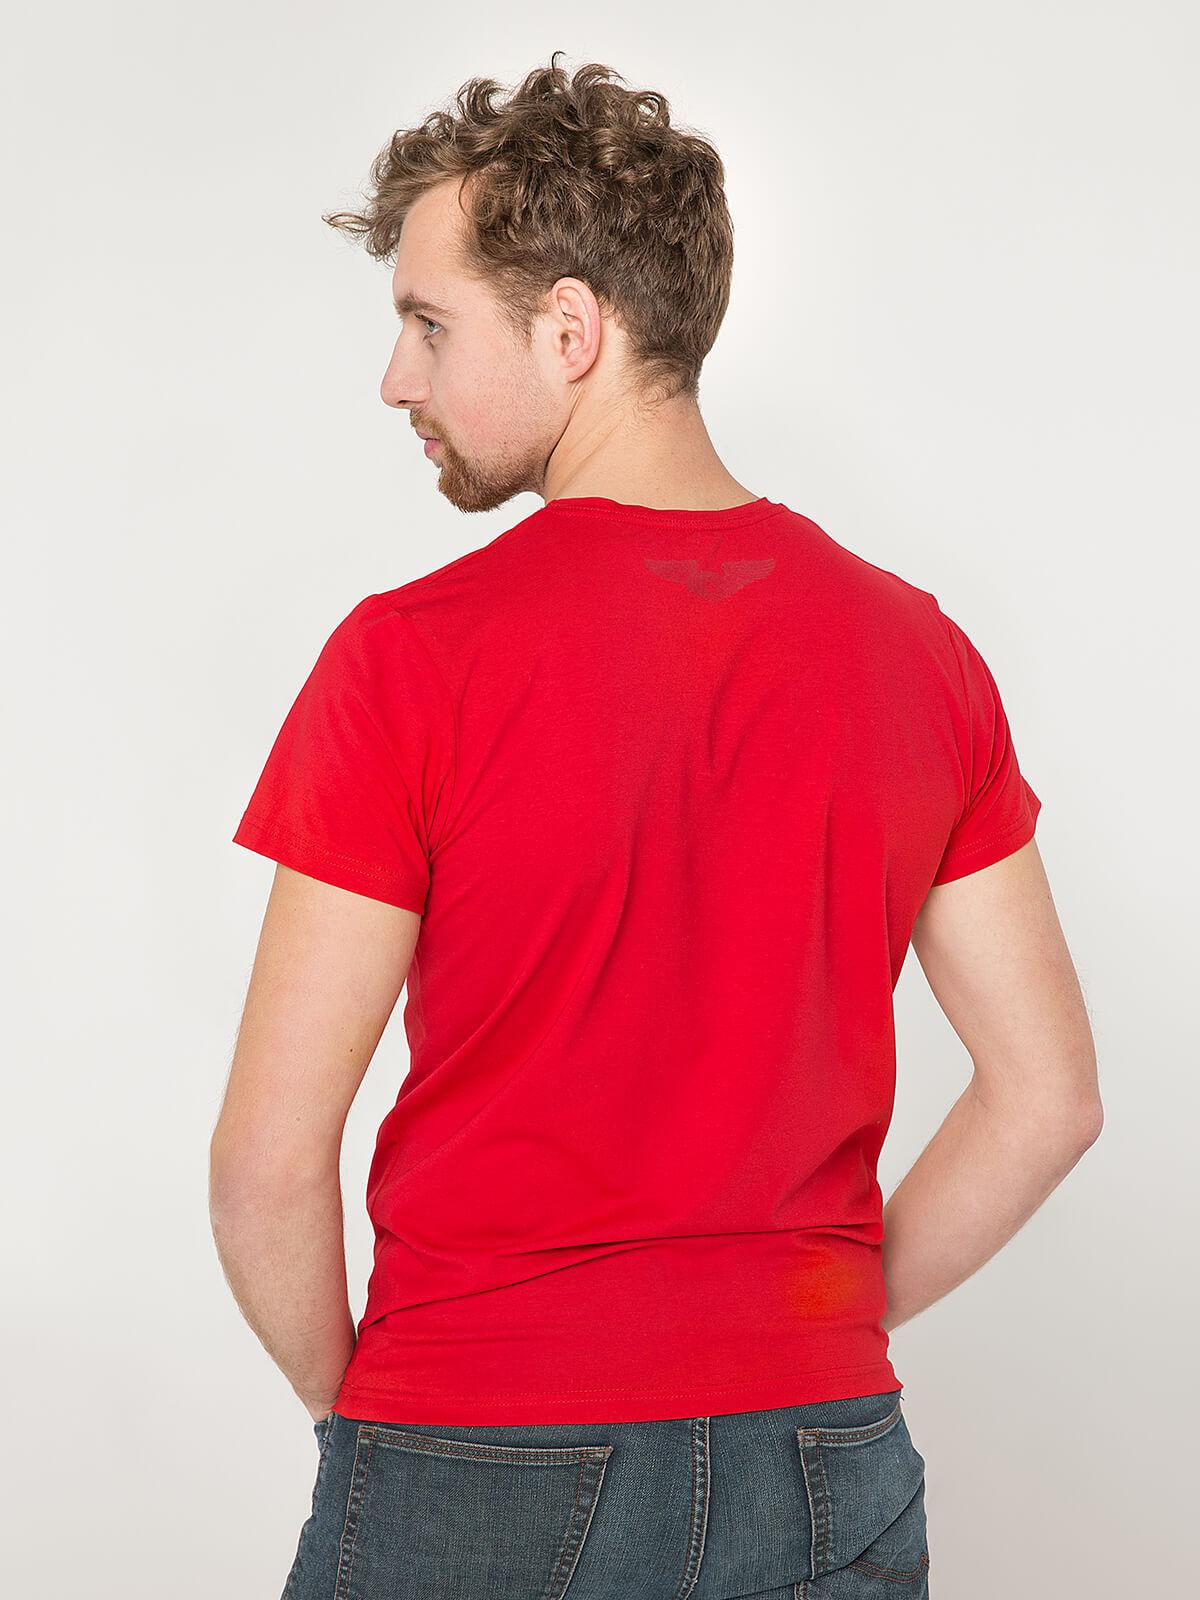 Чоловіча Футболка Народжений Літати. Колір червоний.  Матеріал: 95% бавовна, 5% спандекс.